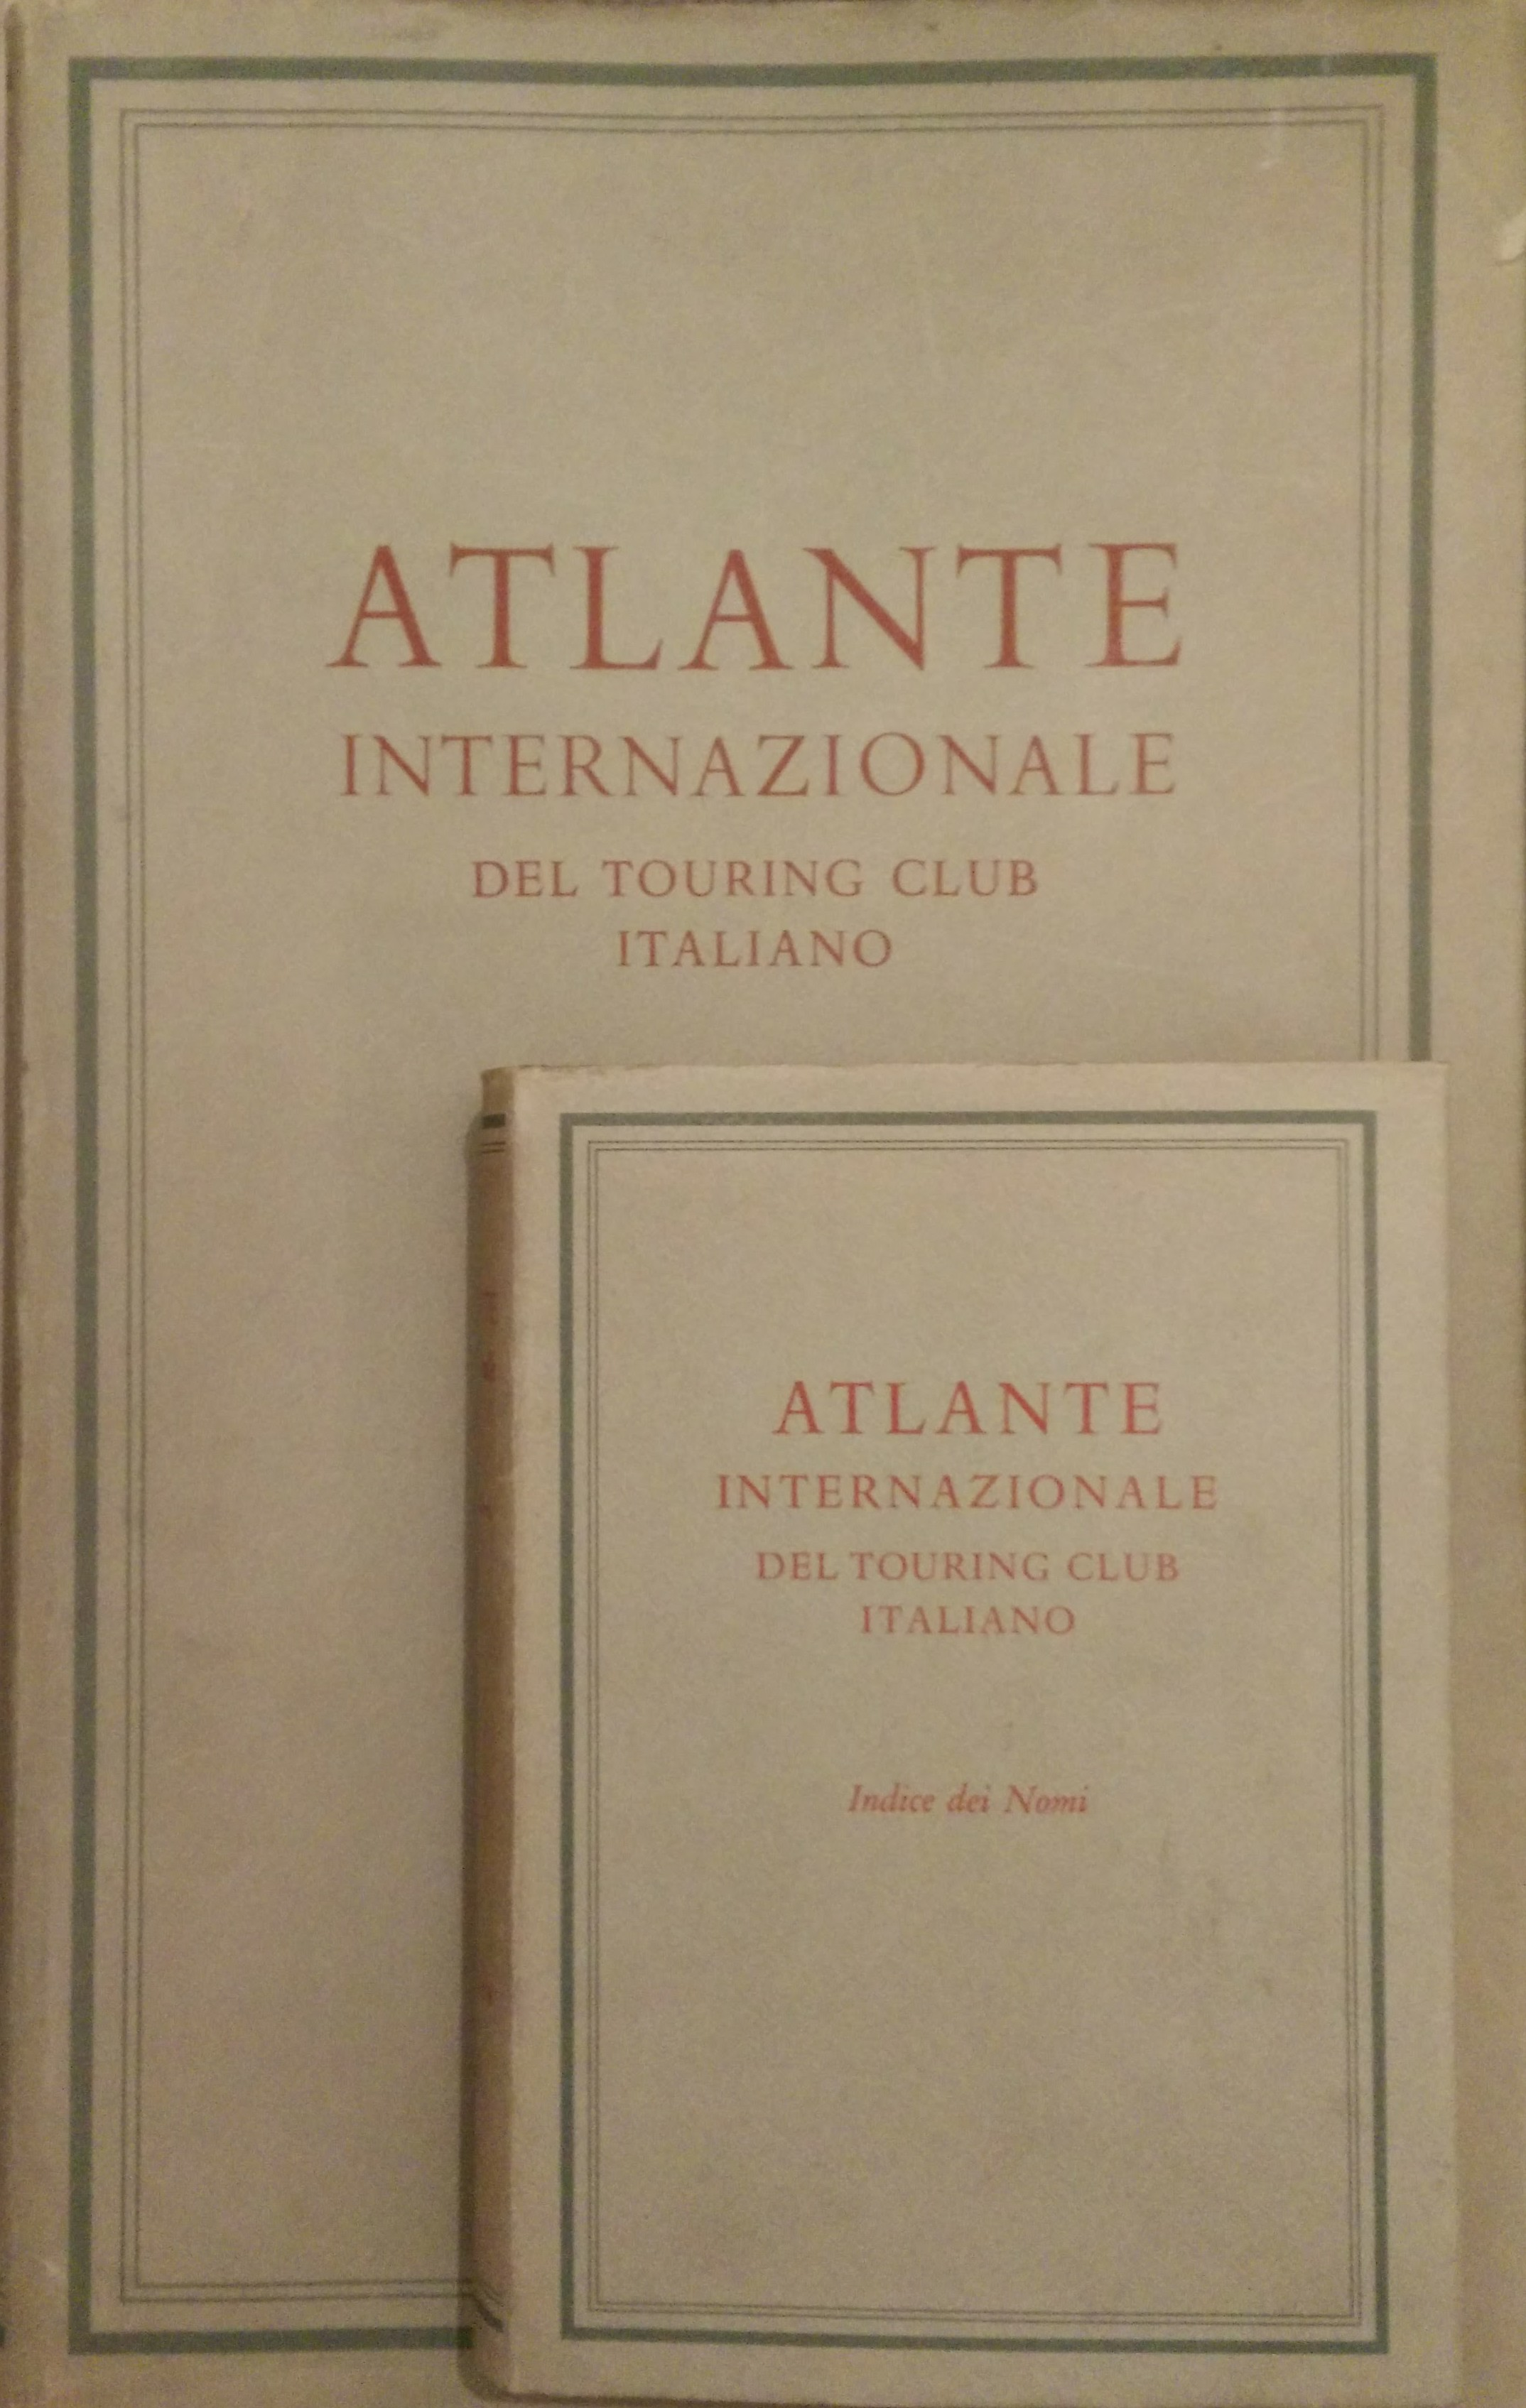 Atlante internazionale del Touring Club Italiano